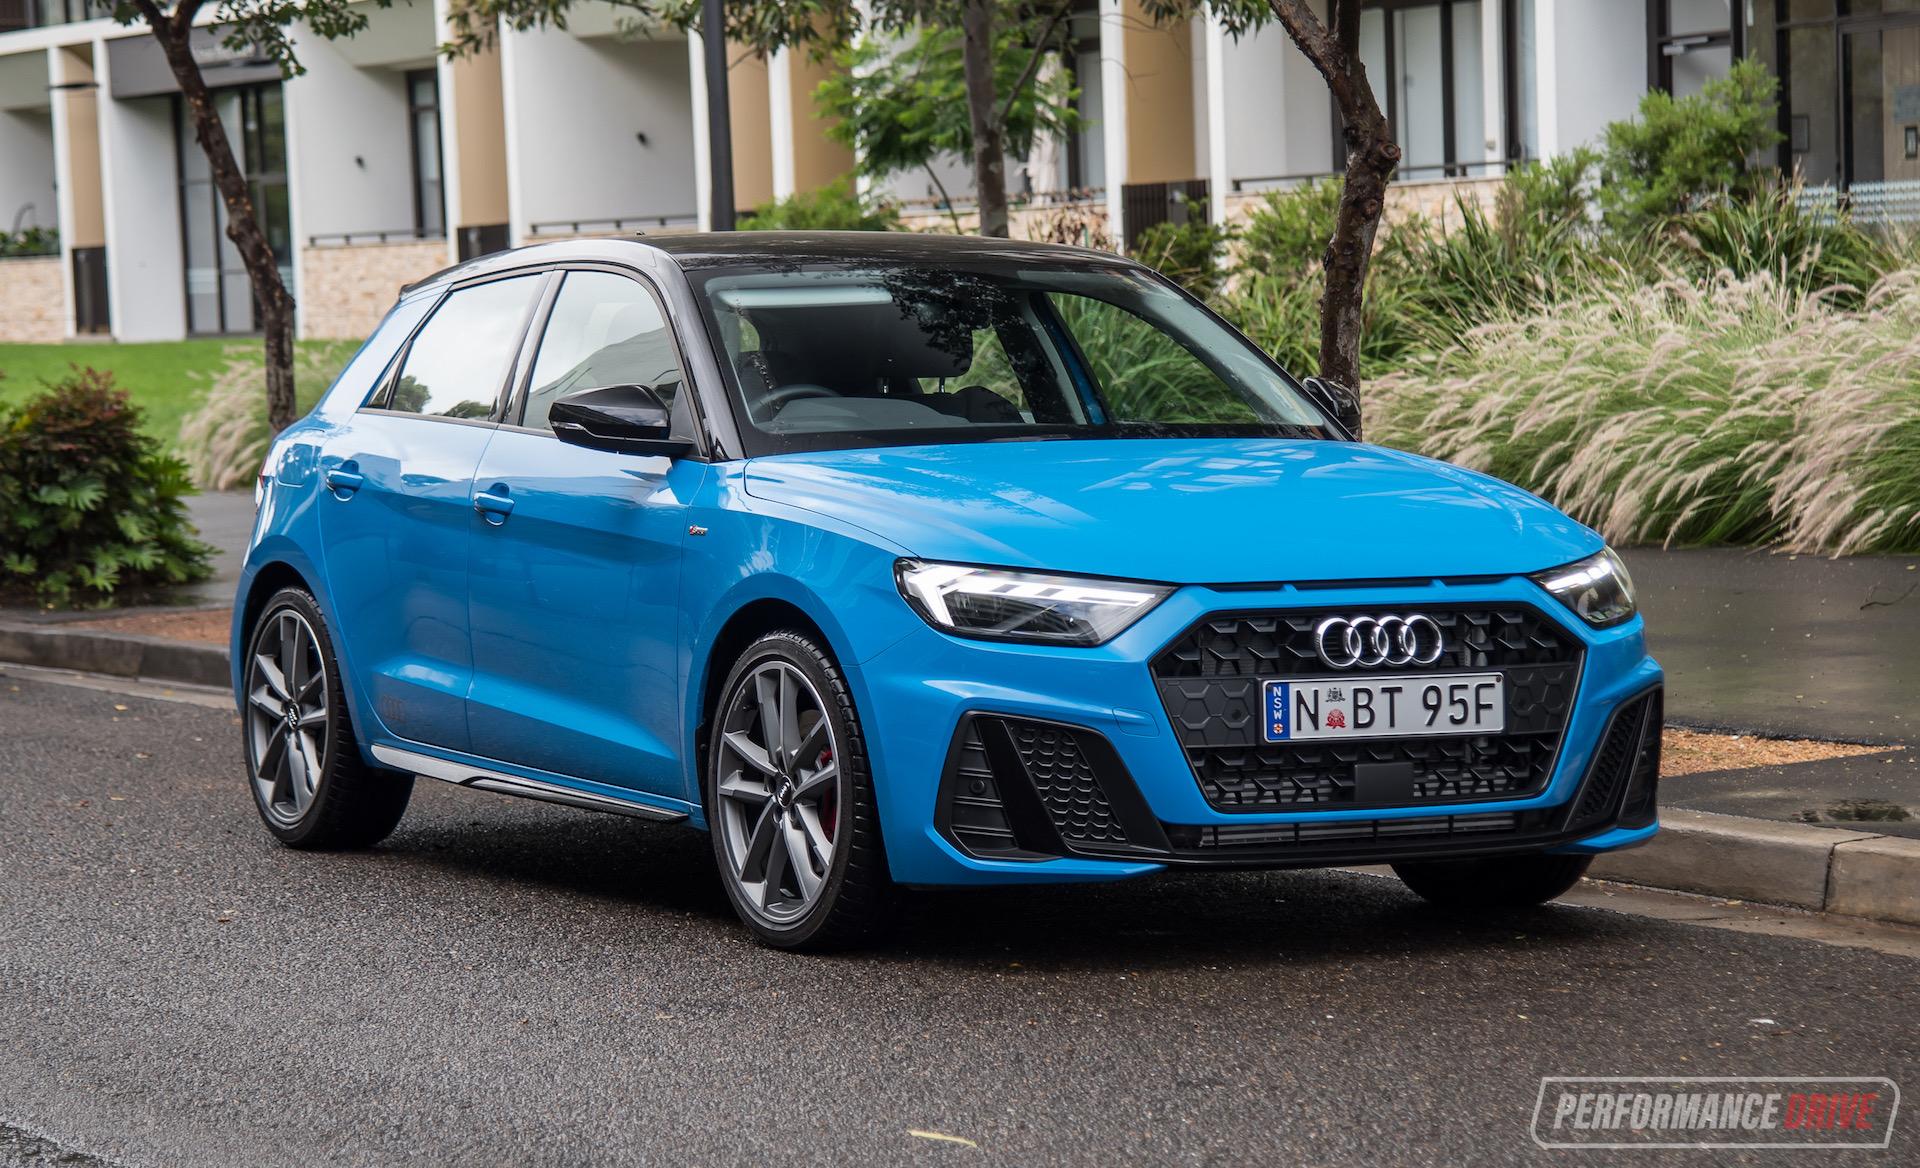 2020 Audi A1 Sportback 40 Tfsi Review Video Performancedrive